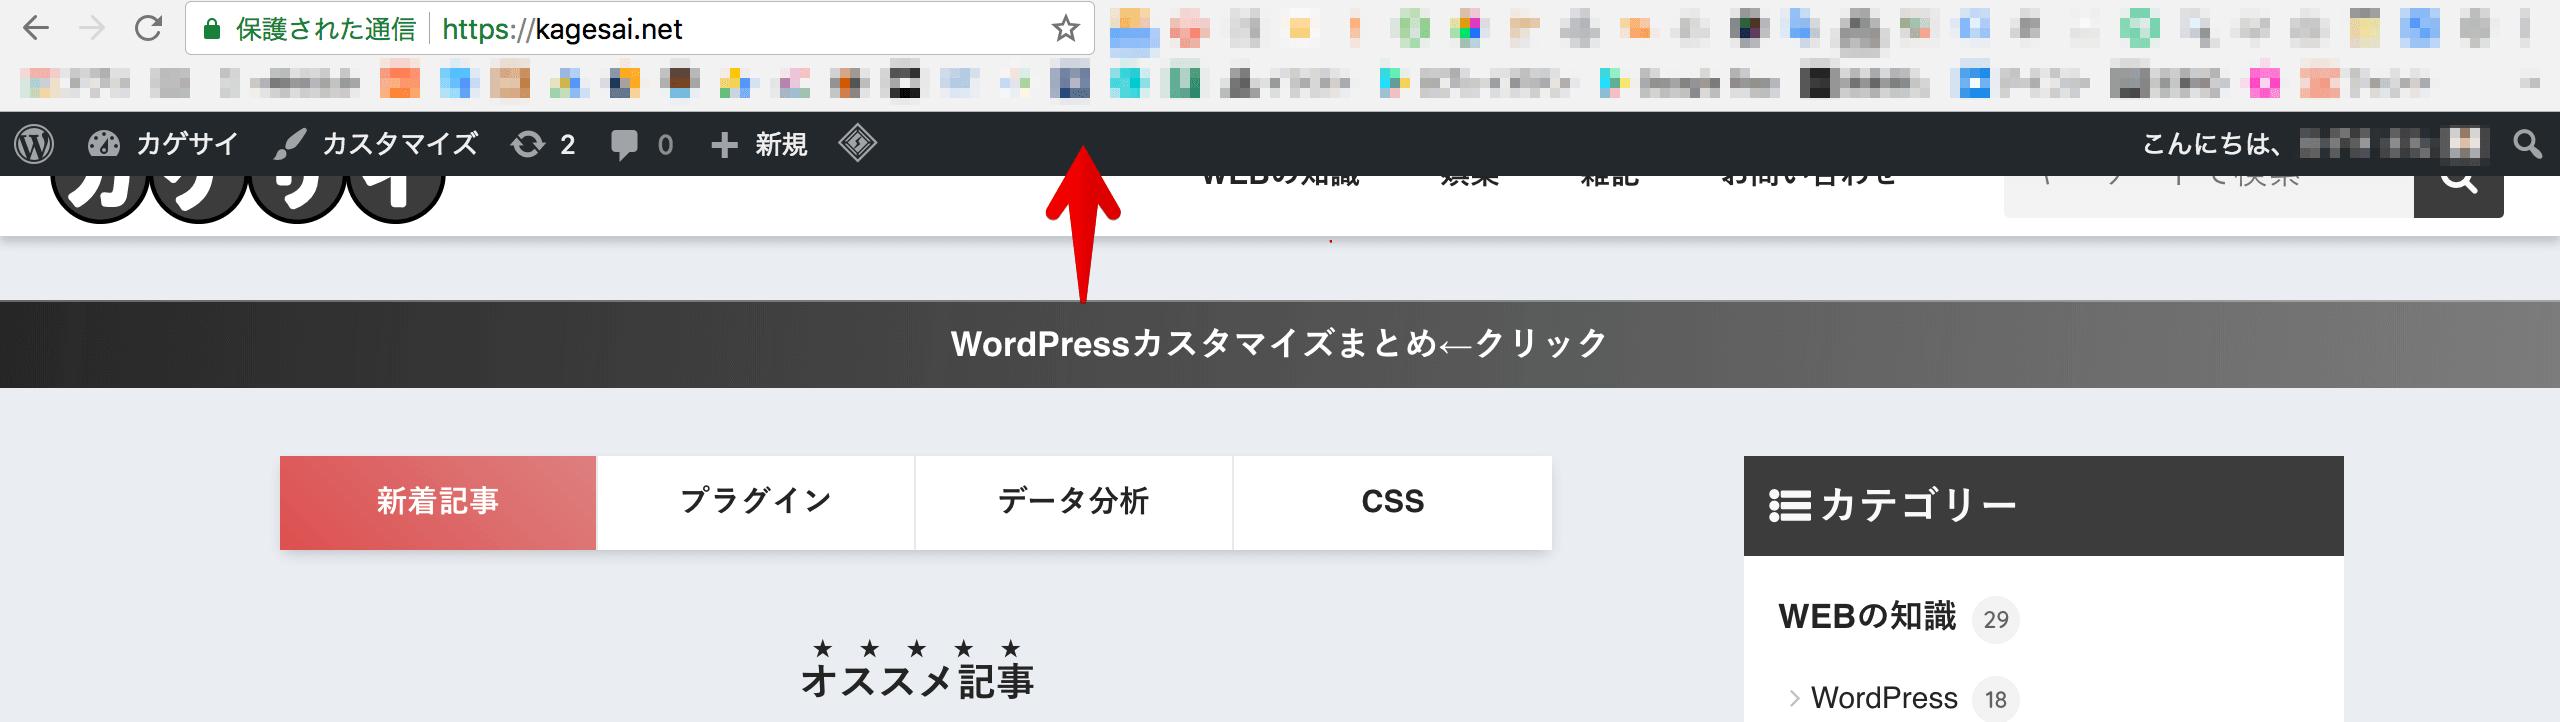 WordPressツールバーPC表示